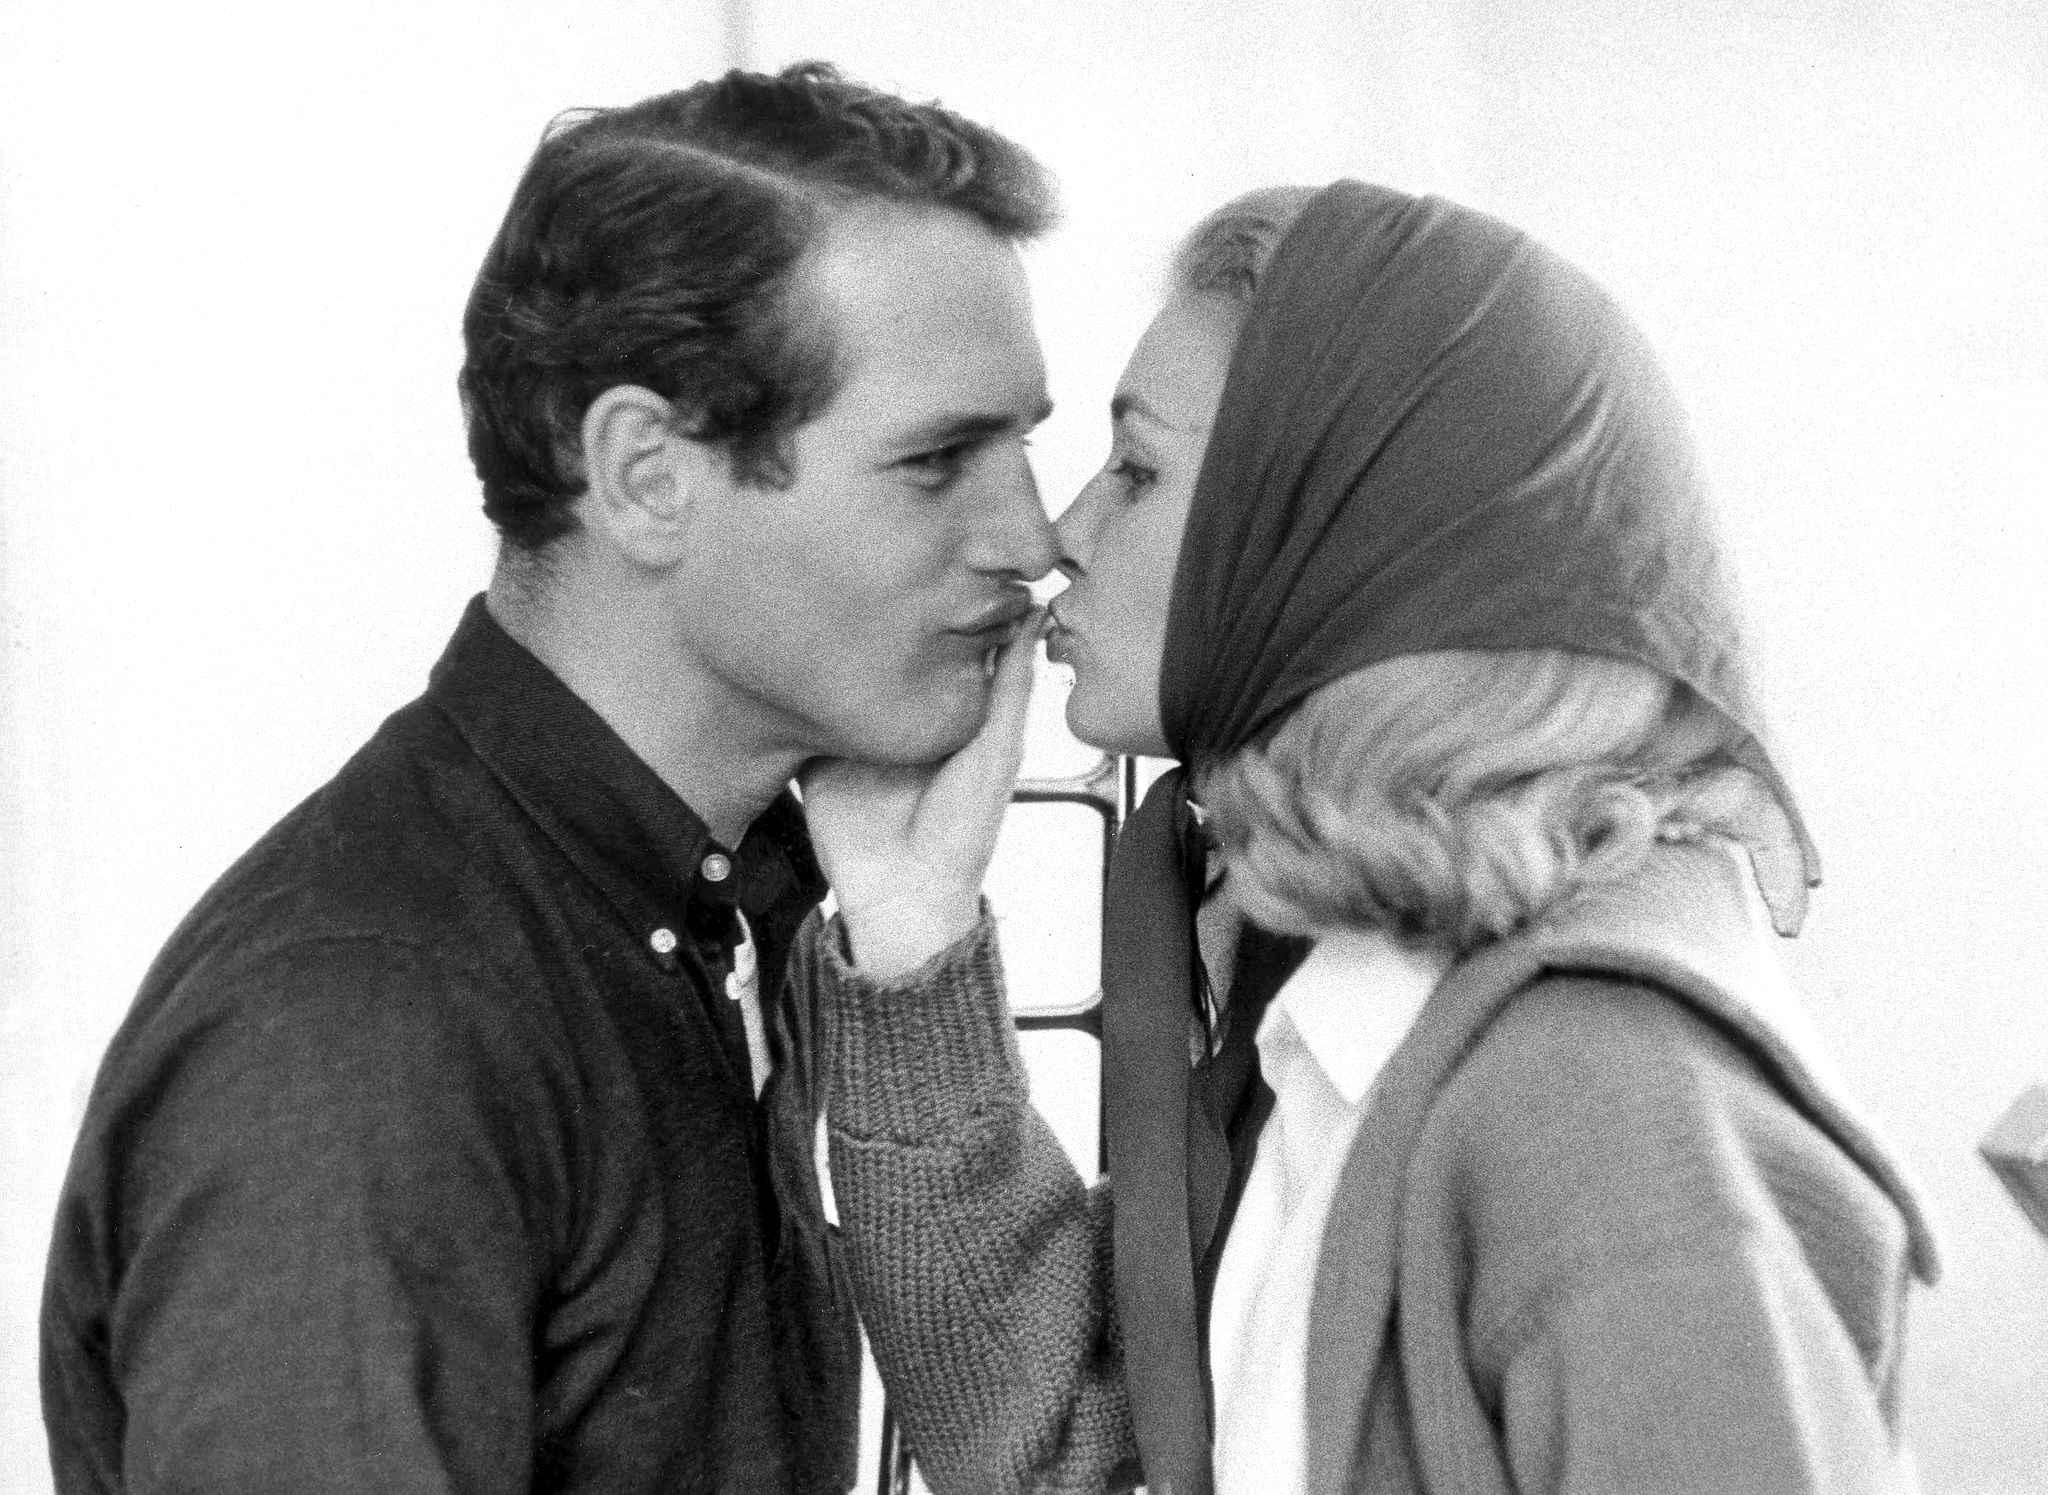 Paul-Newman-Joanne-Woodward-Picture.jpg